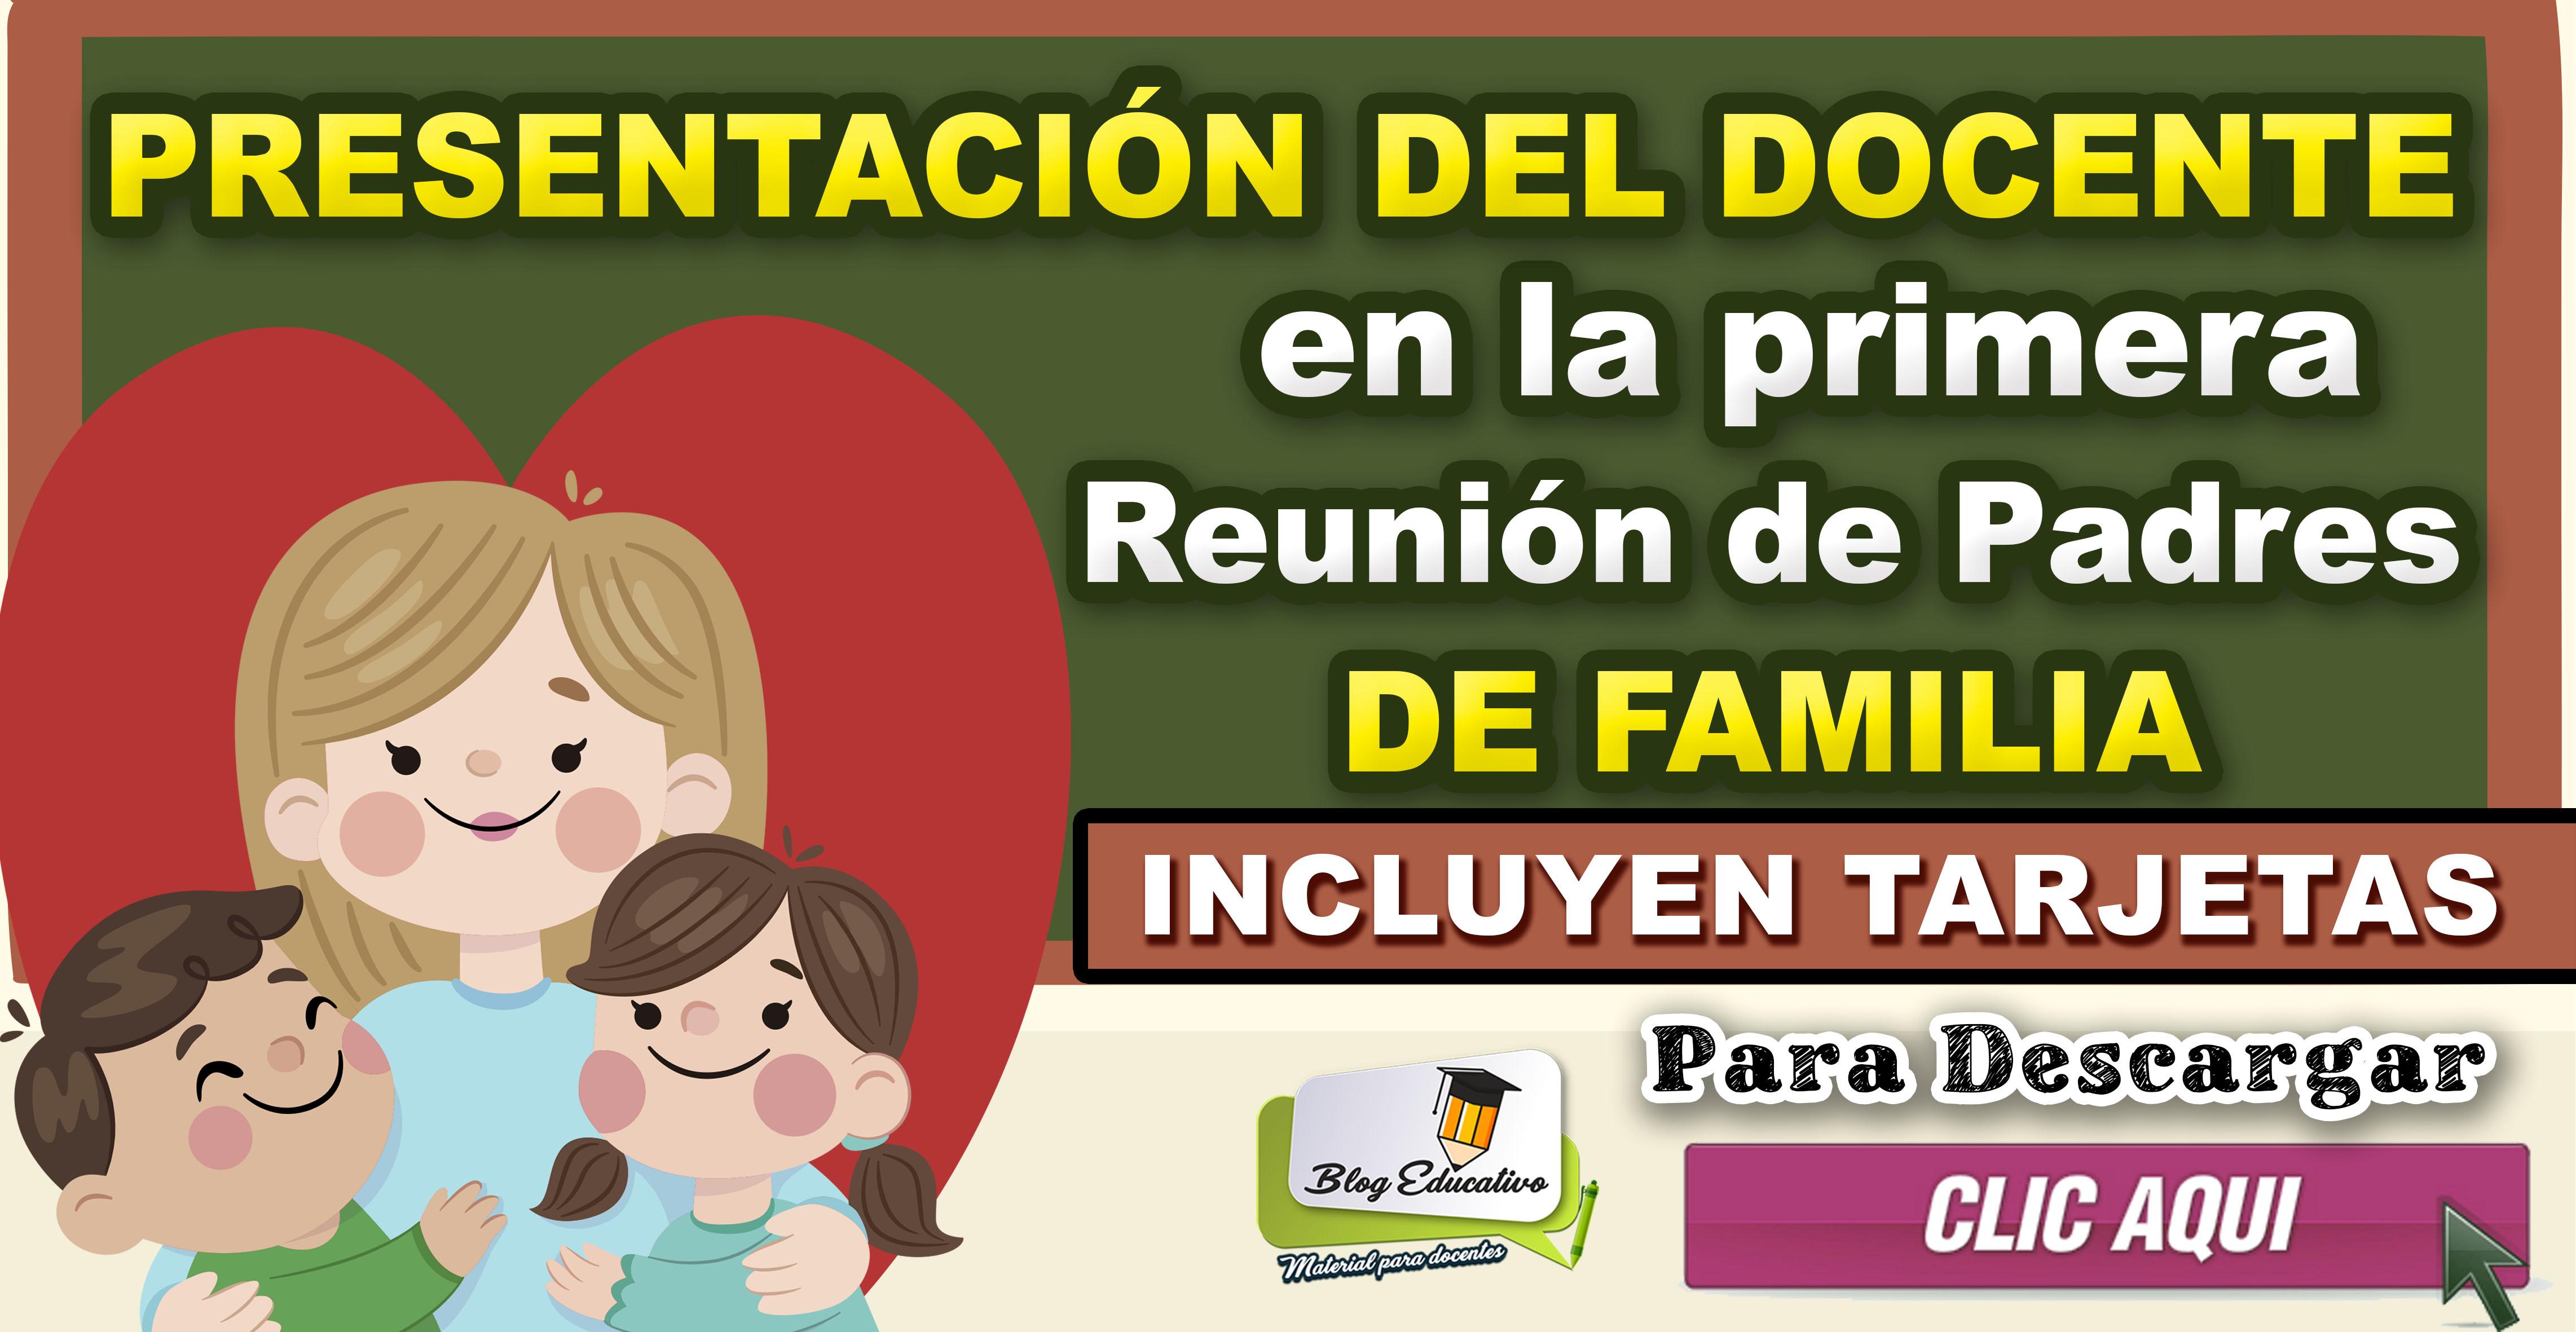 Presentación del docente en la primera reunión de padres de familia